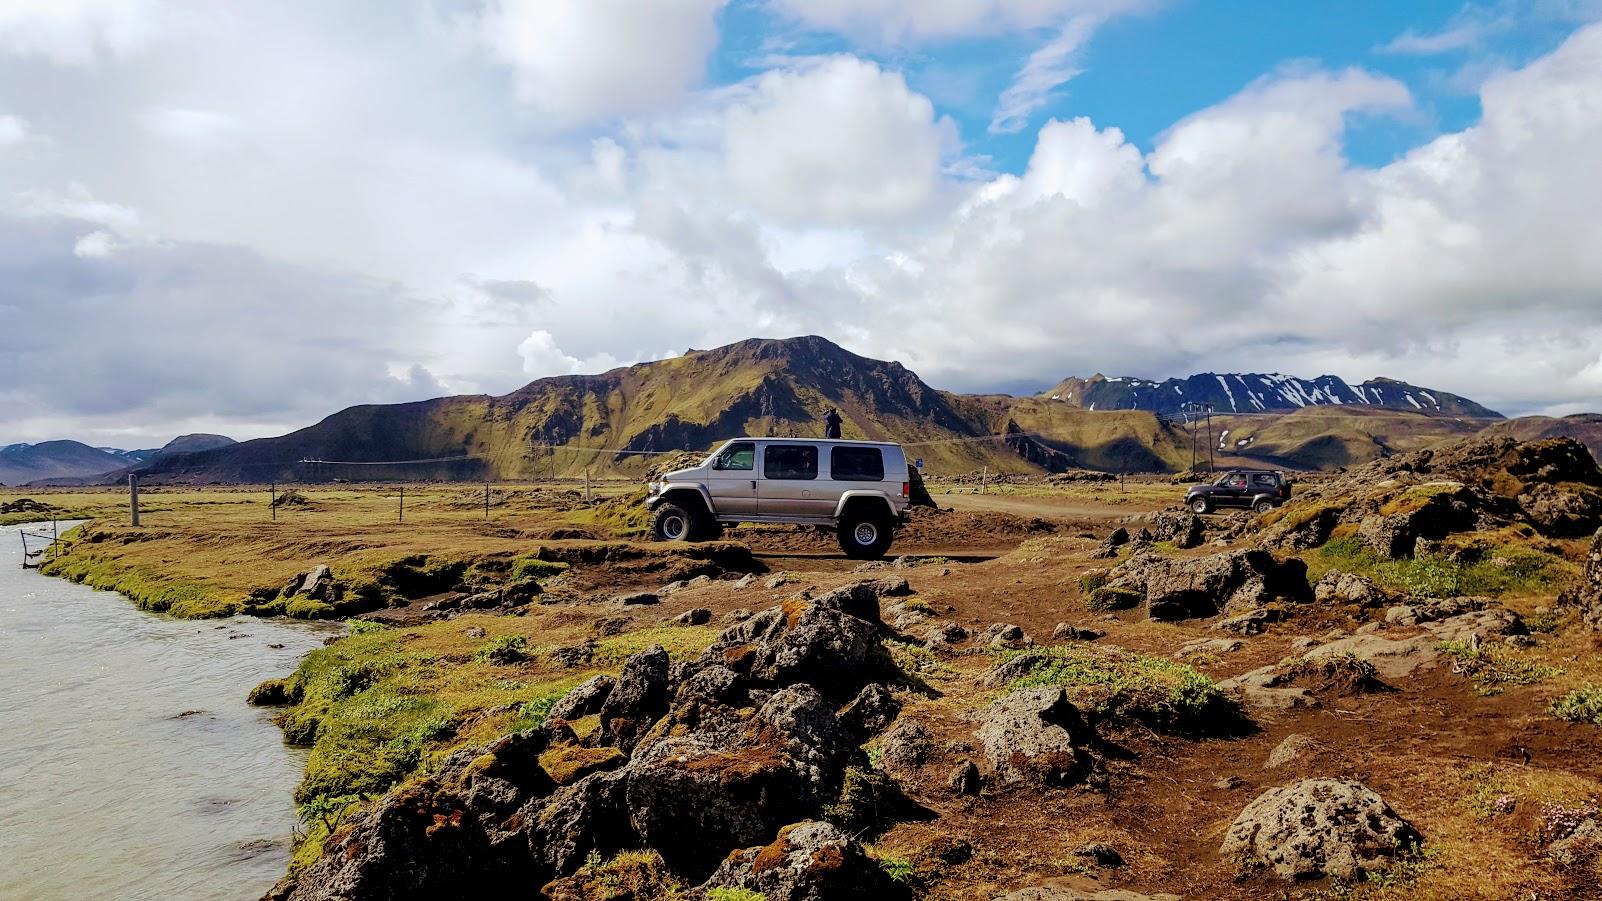 En superjeep er nødvendig for å kunne krysse elven og det ulendte terrenget i Landmannalaugar.